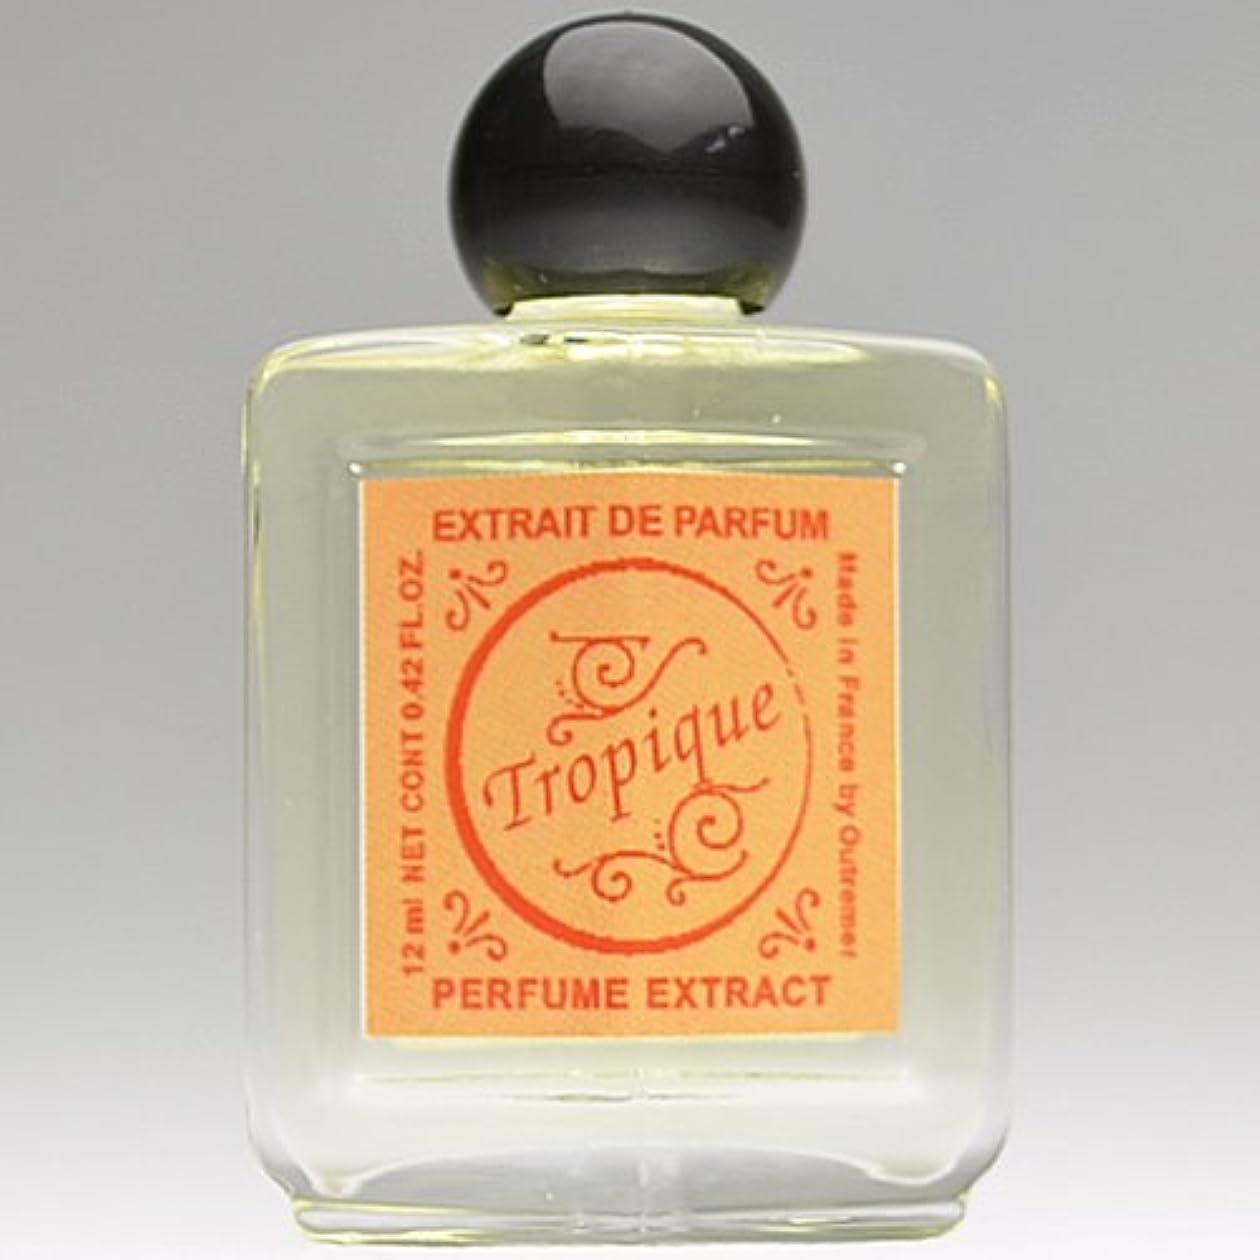 フラスコ取るドラフトL'Aromarine(アロマリン) パフュームエクストラクト(アロマオイル) 12ml 「ペシェ(ピーチ)」 4994228017079